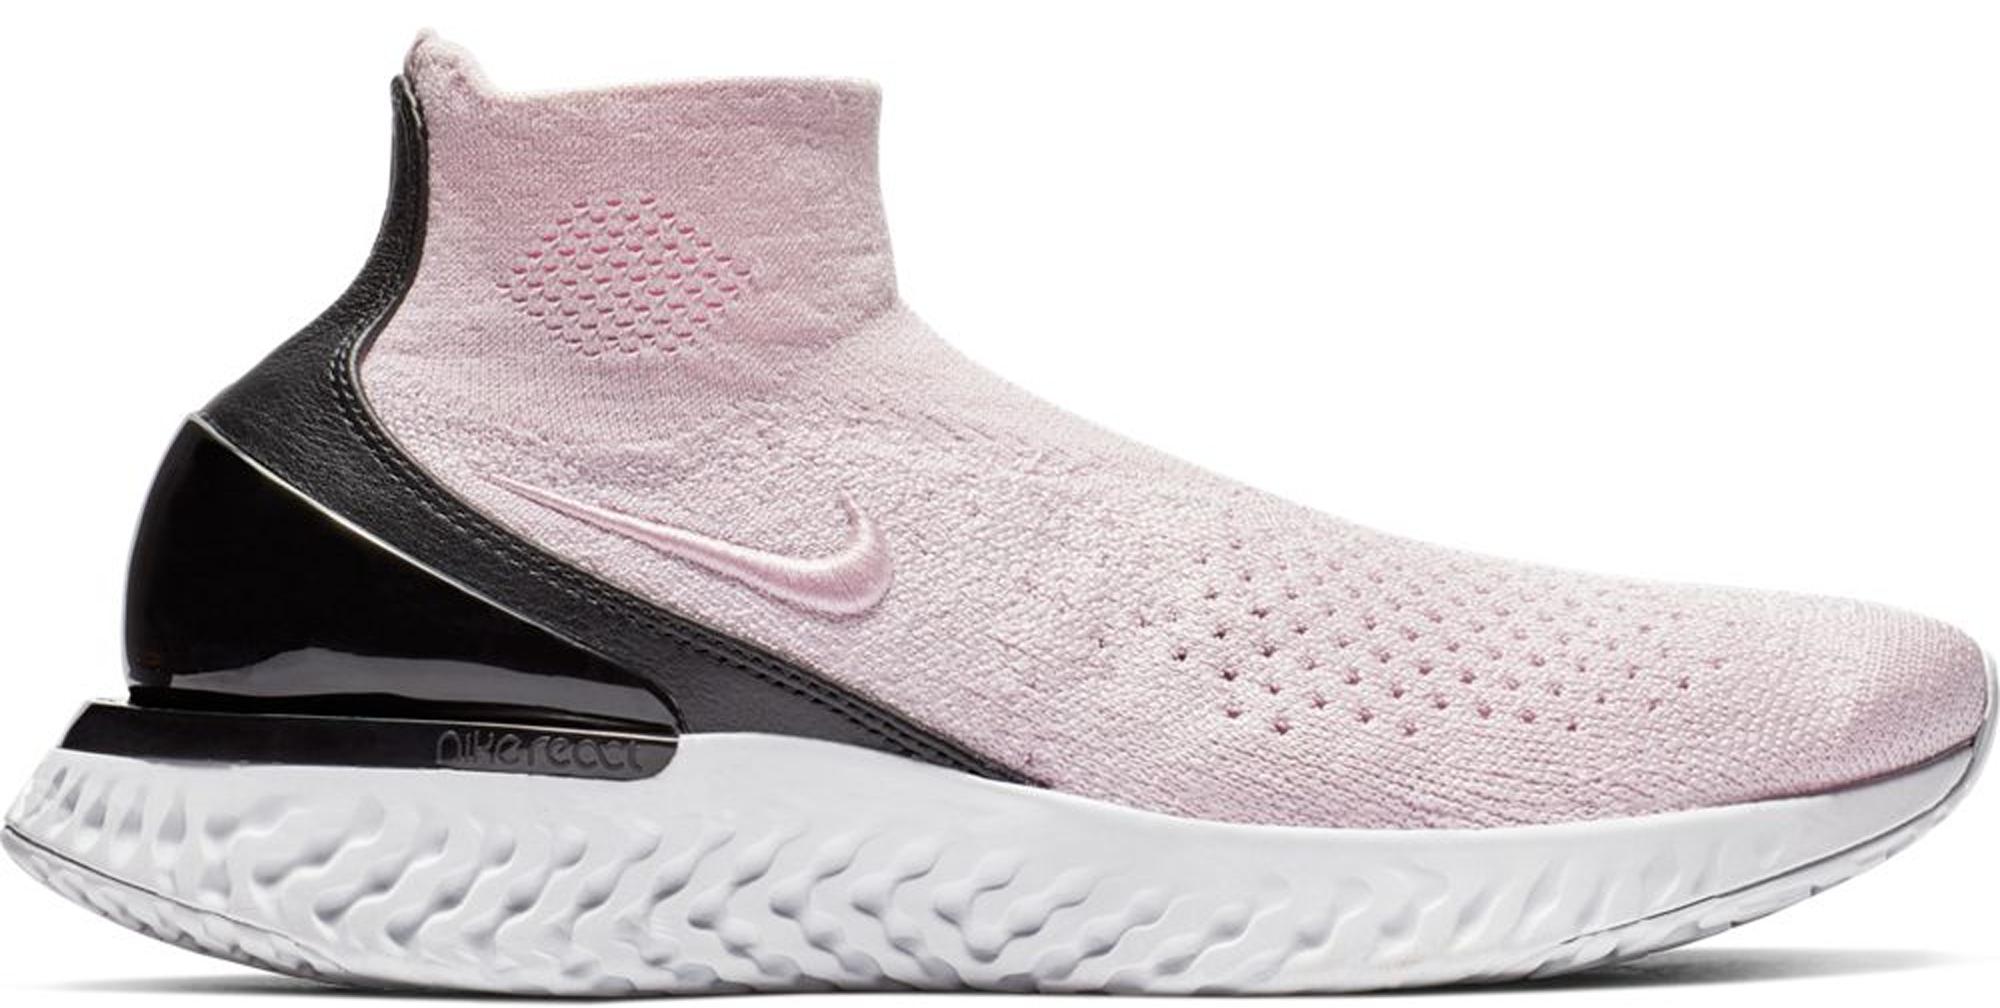 Nike Rise React Flyknit Pink Foam (W)